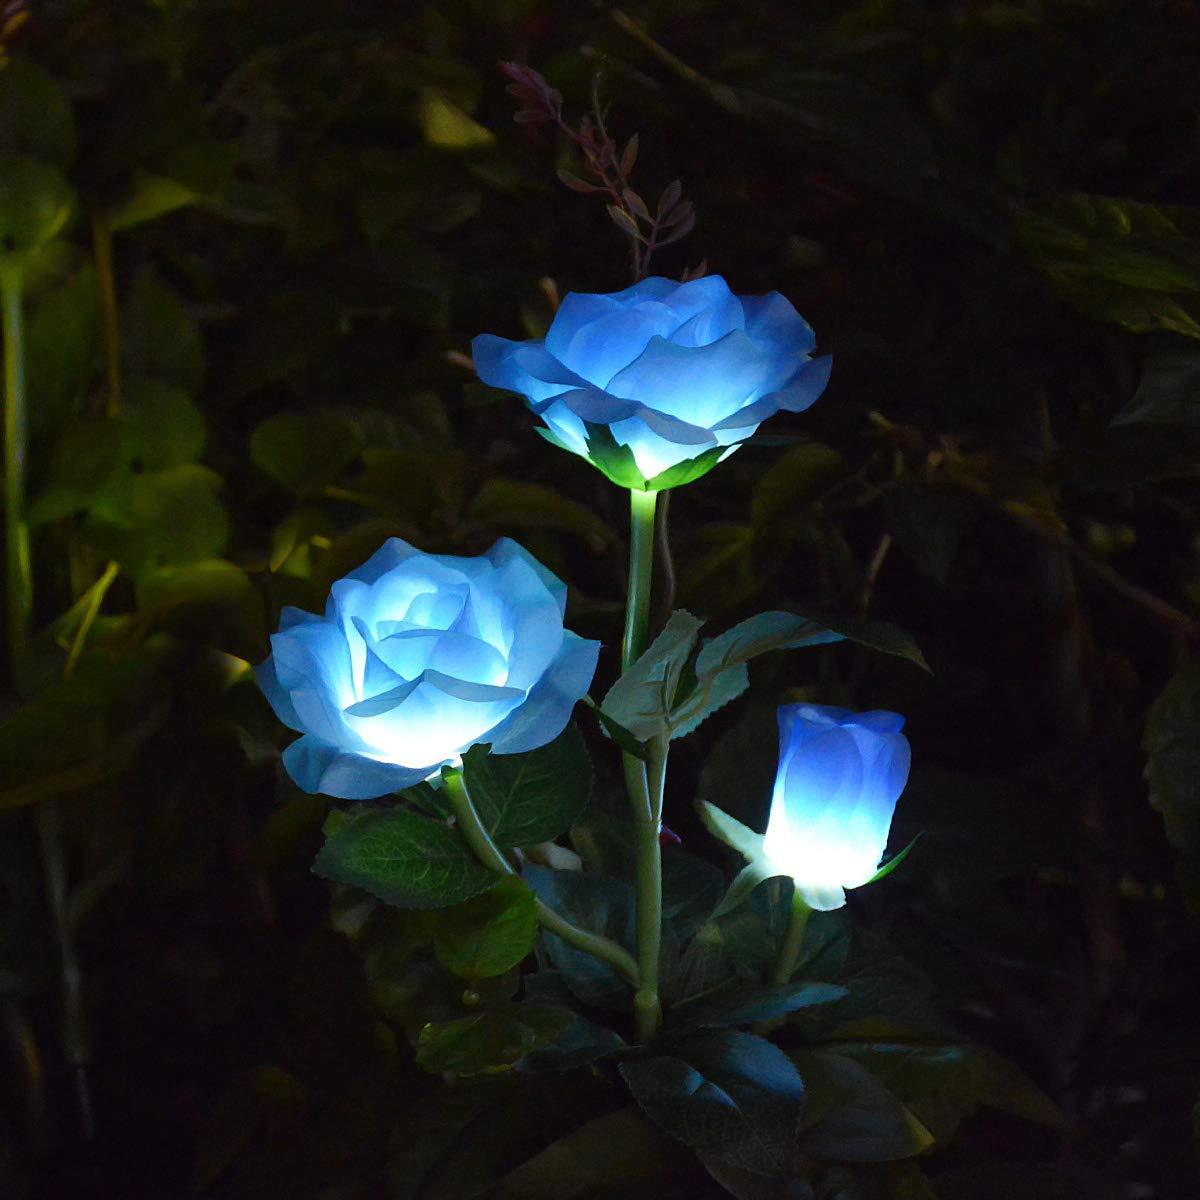 LAMPDREAM LED Rose Solar Flower Lights Outdoor Decorative Garden Stake Lights for Garden Yard Grave Vase Flowers Decor, Blue